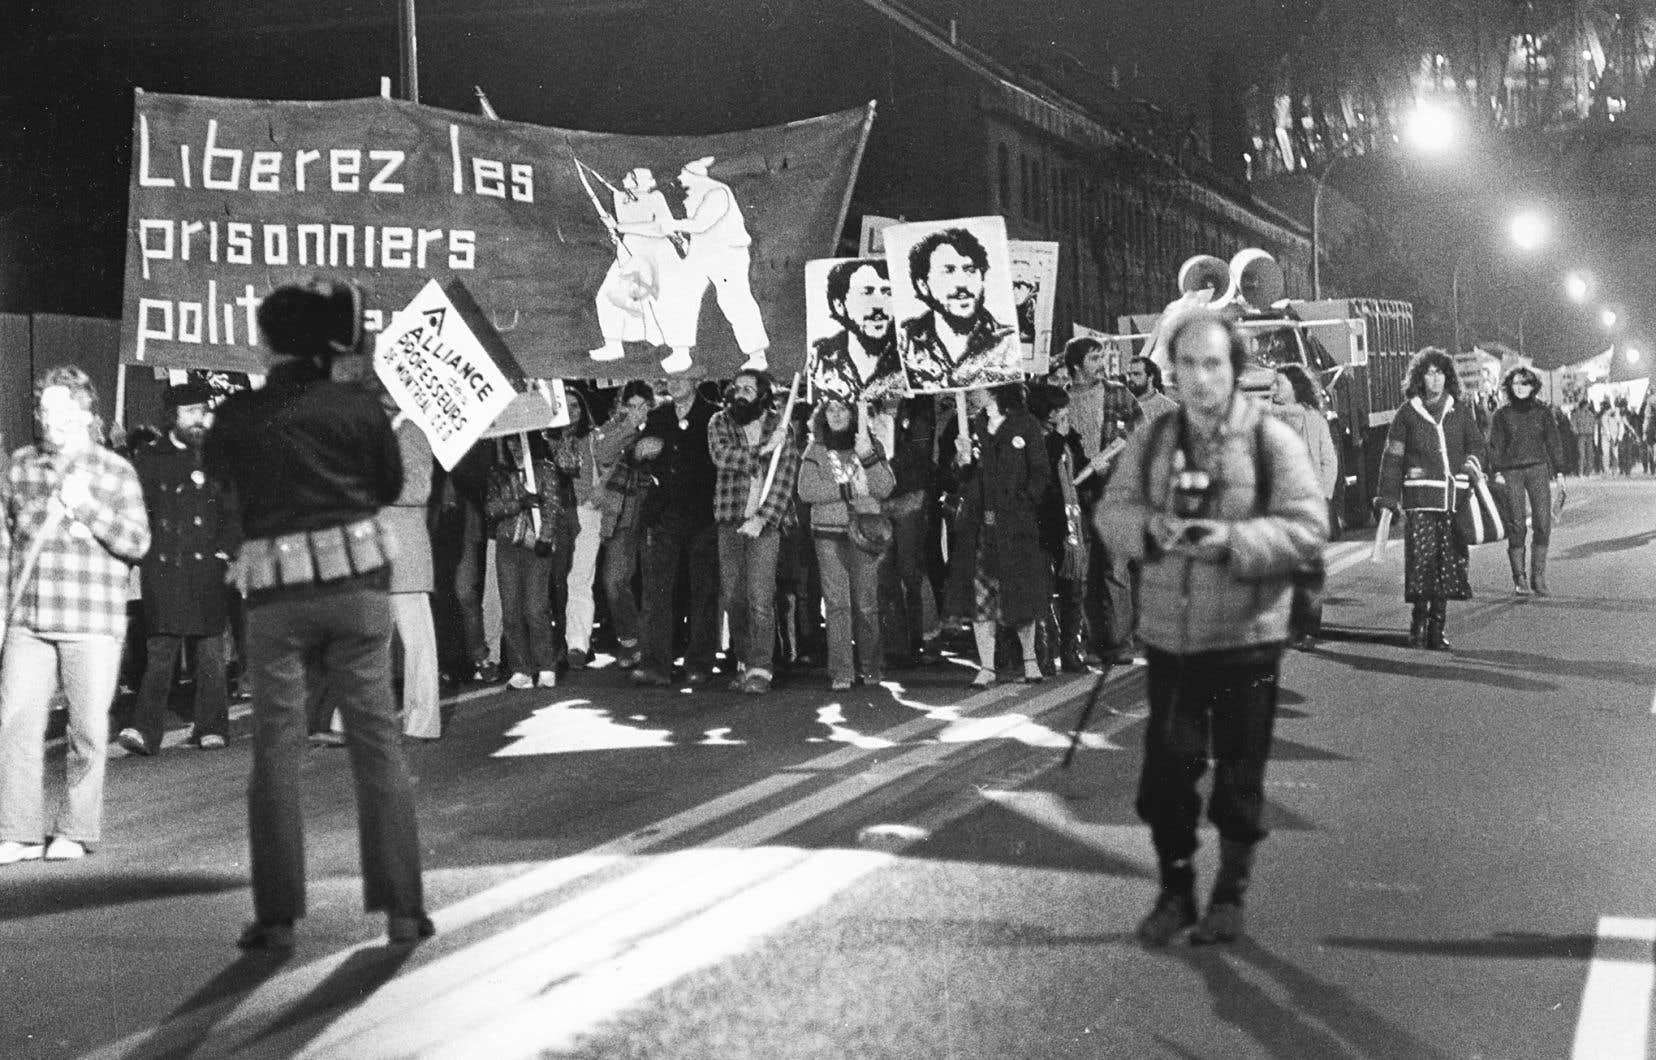 «Le FLQ fut un authentique mouvement révolutionnaire qui a rassemblé, par vagues successives, quelques centaines de militants et plusieurs milliers de sympathisants», écrit l'auteur.